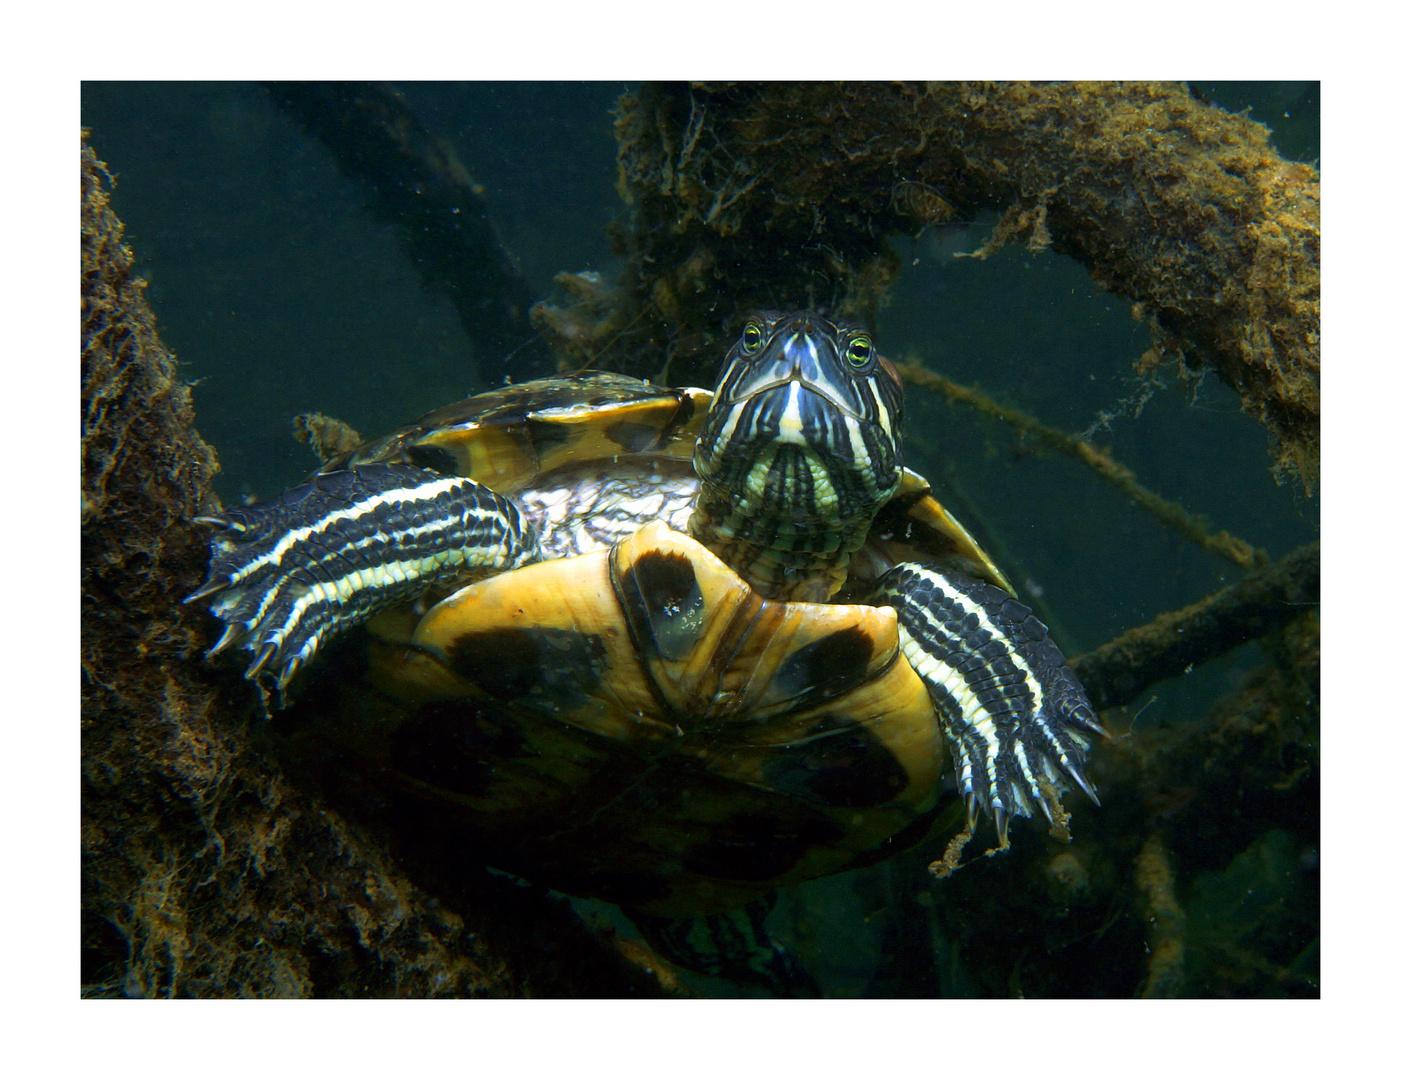 Süsswasserschildkröte II